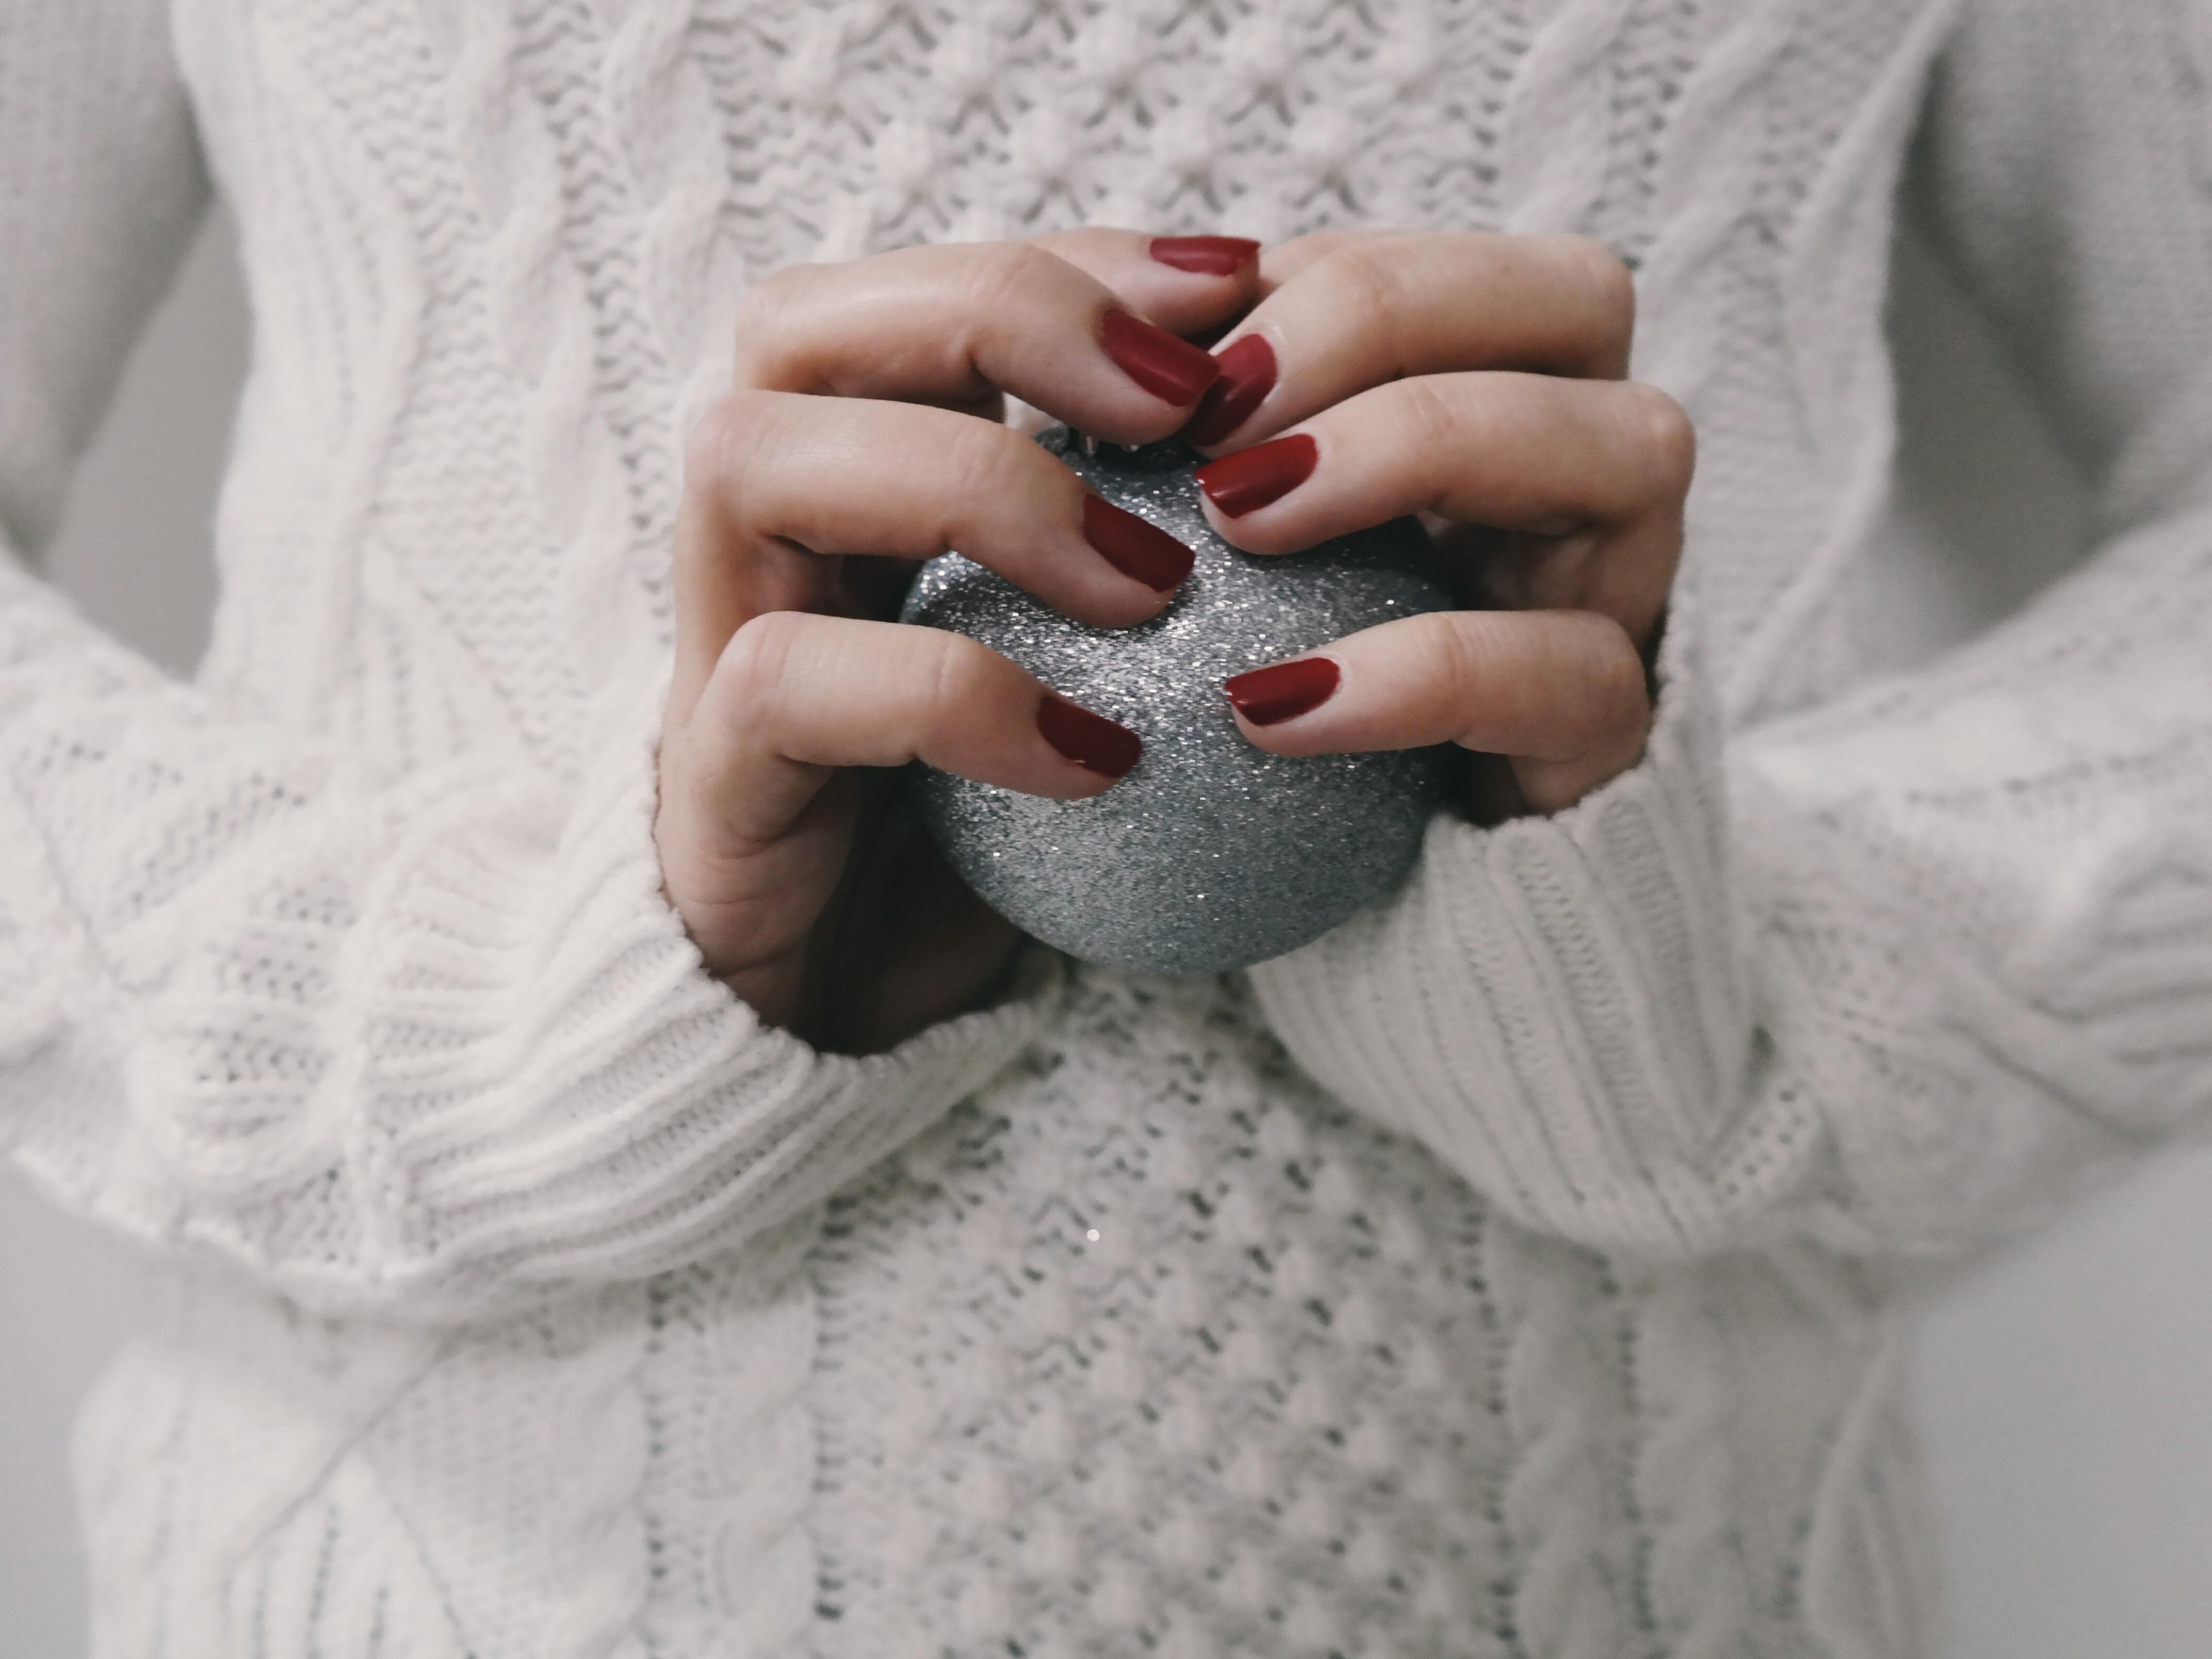 907b17a5b85d main modèle doigt Vêtements Crochet tricot art robe Accessoires de mode